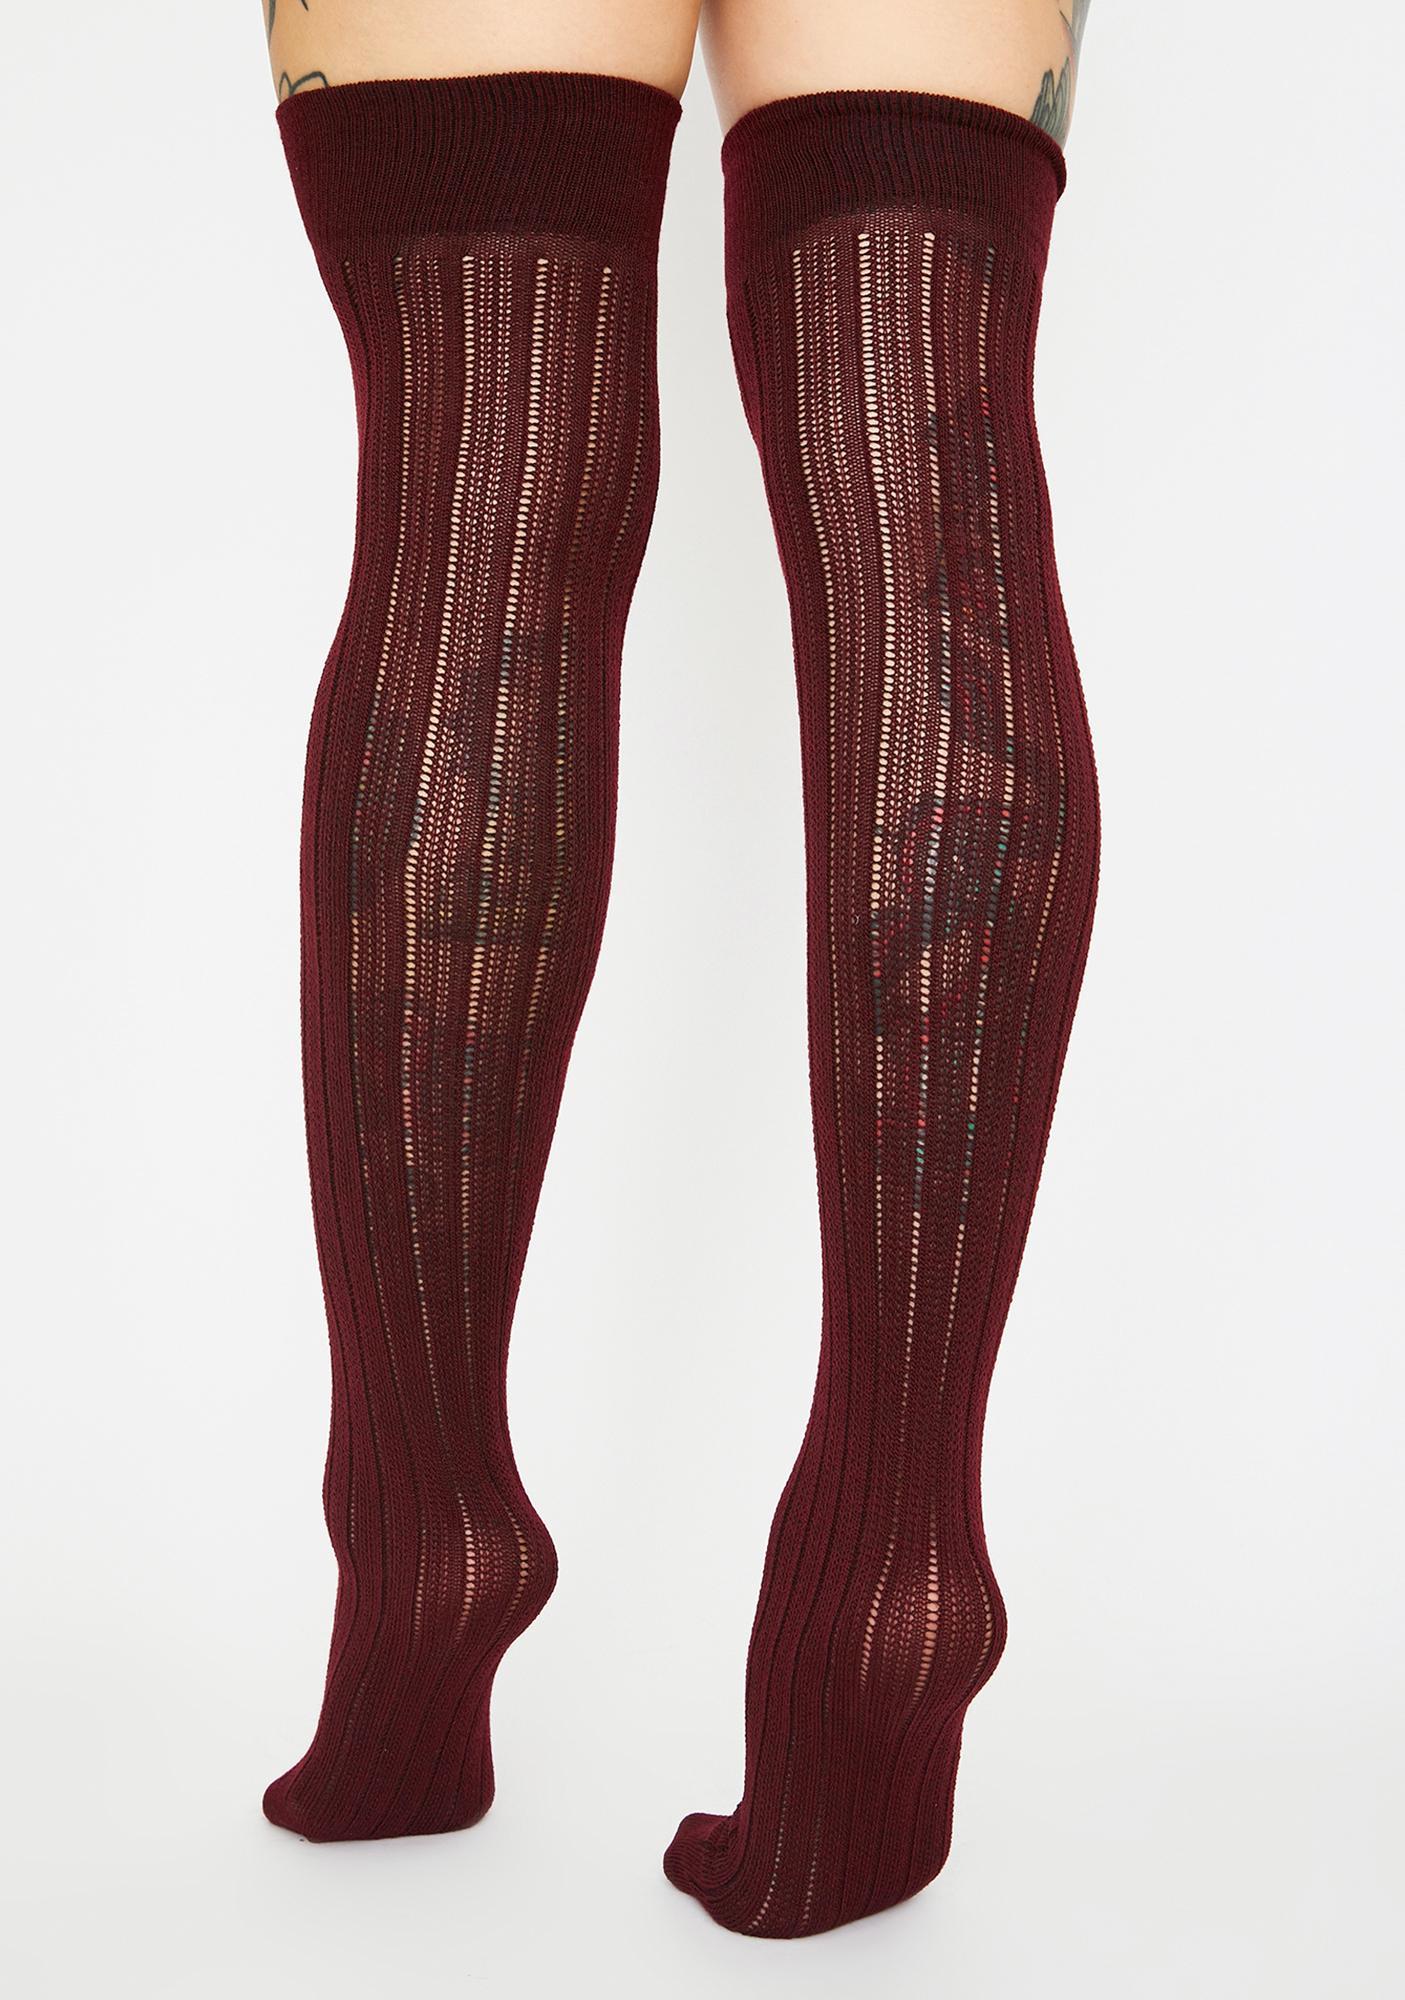 Merlot Finally Playtime Knee High Socks